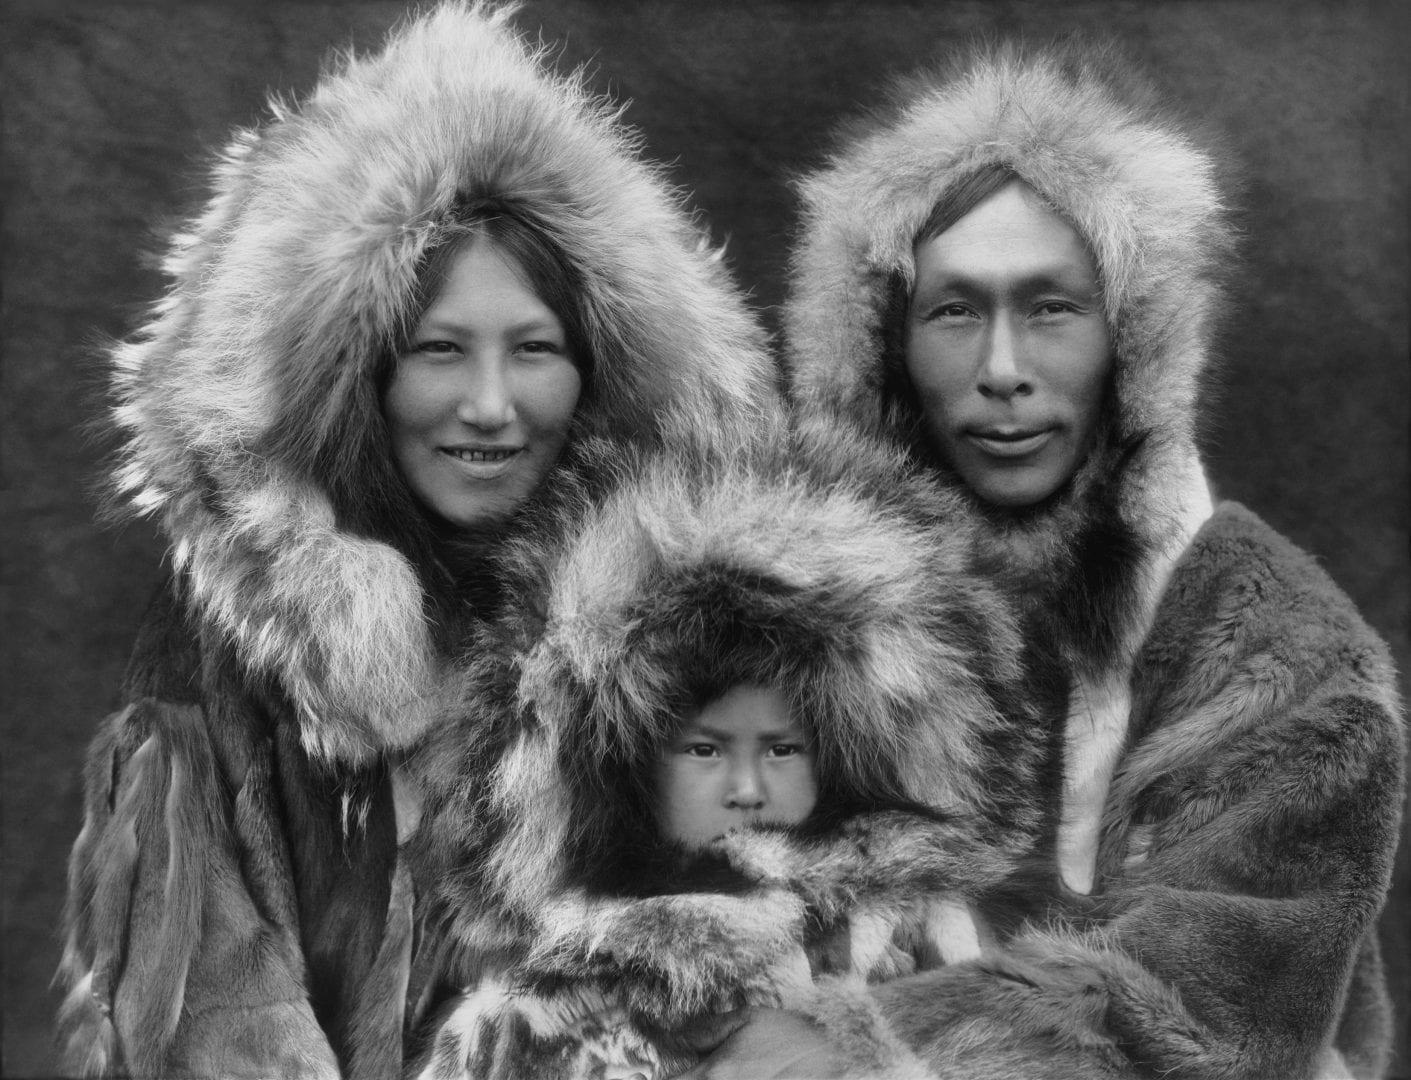 Esquimós - Quem são, de onde vieram e como vivem